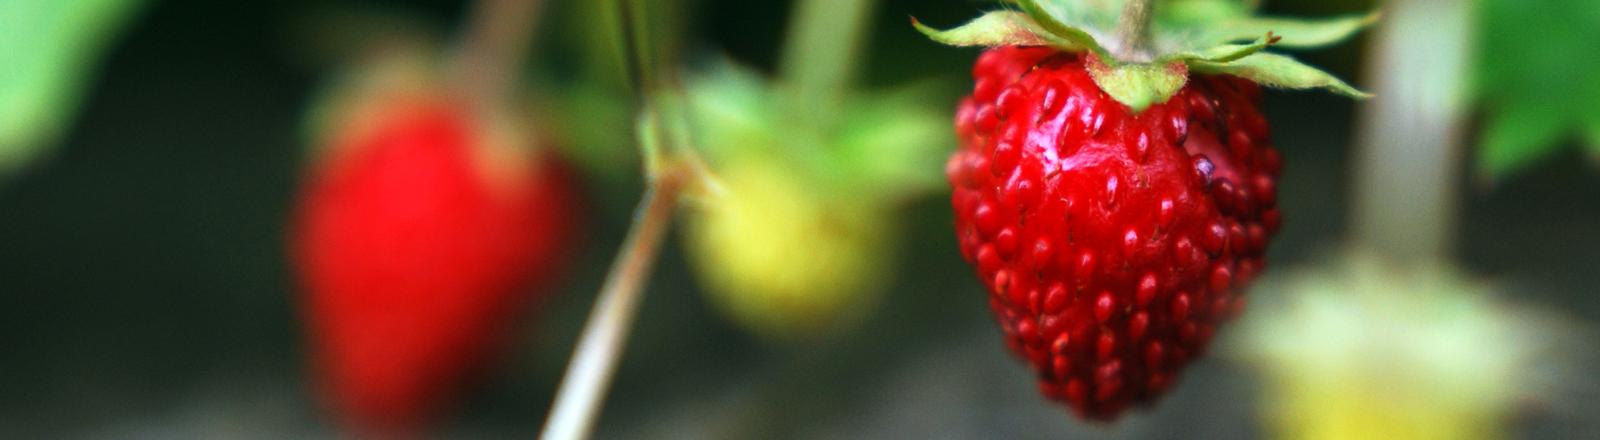 Nahaufnahme von jungen Erdbeeren